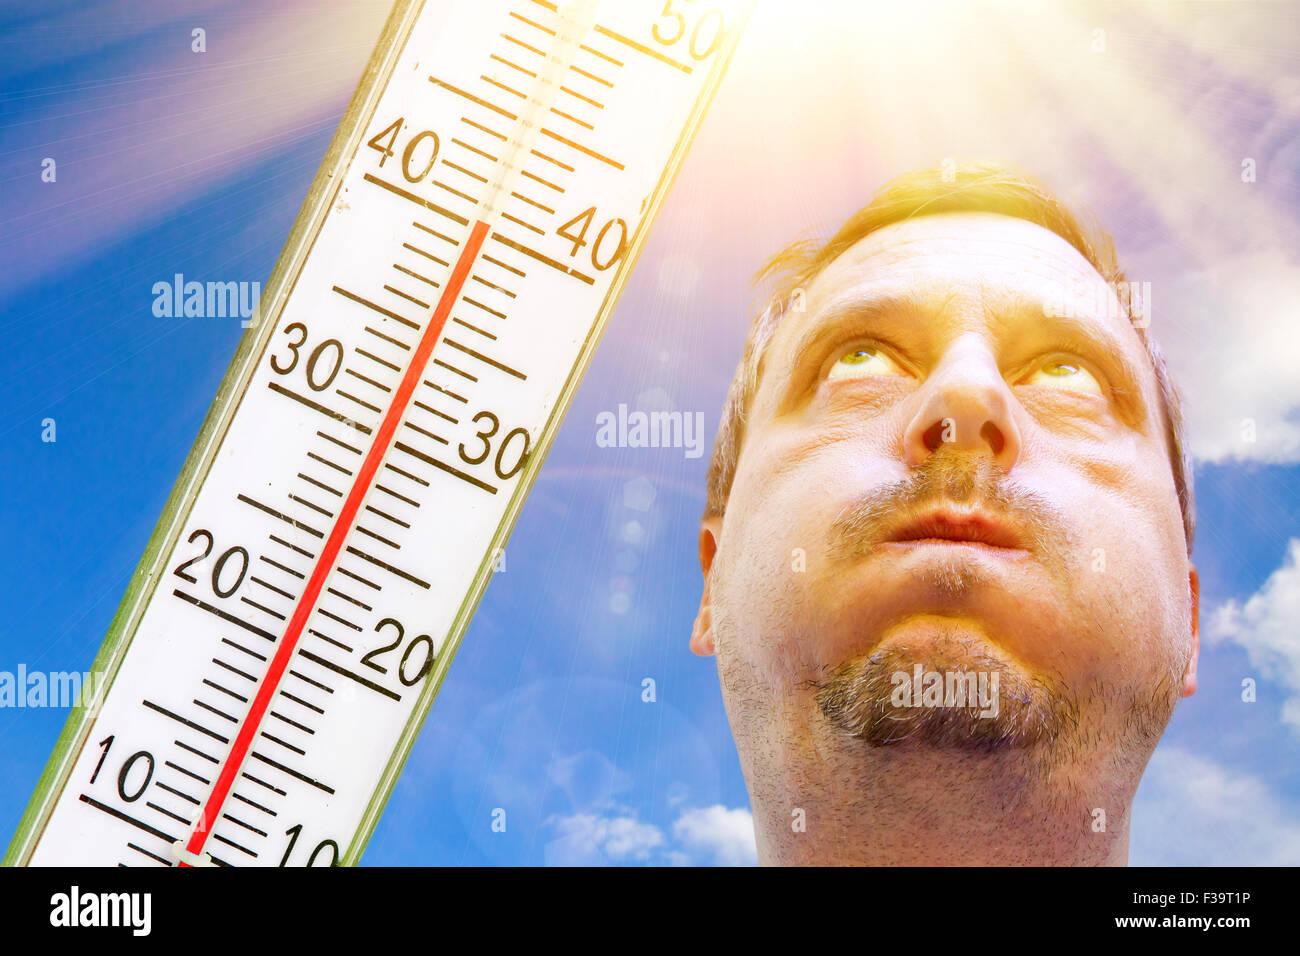 Hombre en día muy caliente Imagen De Stock